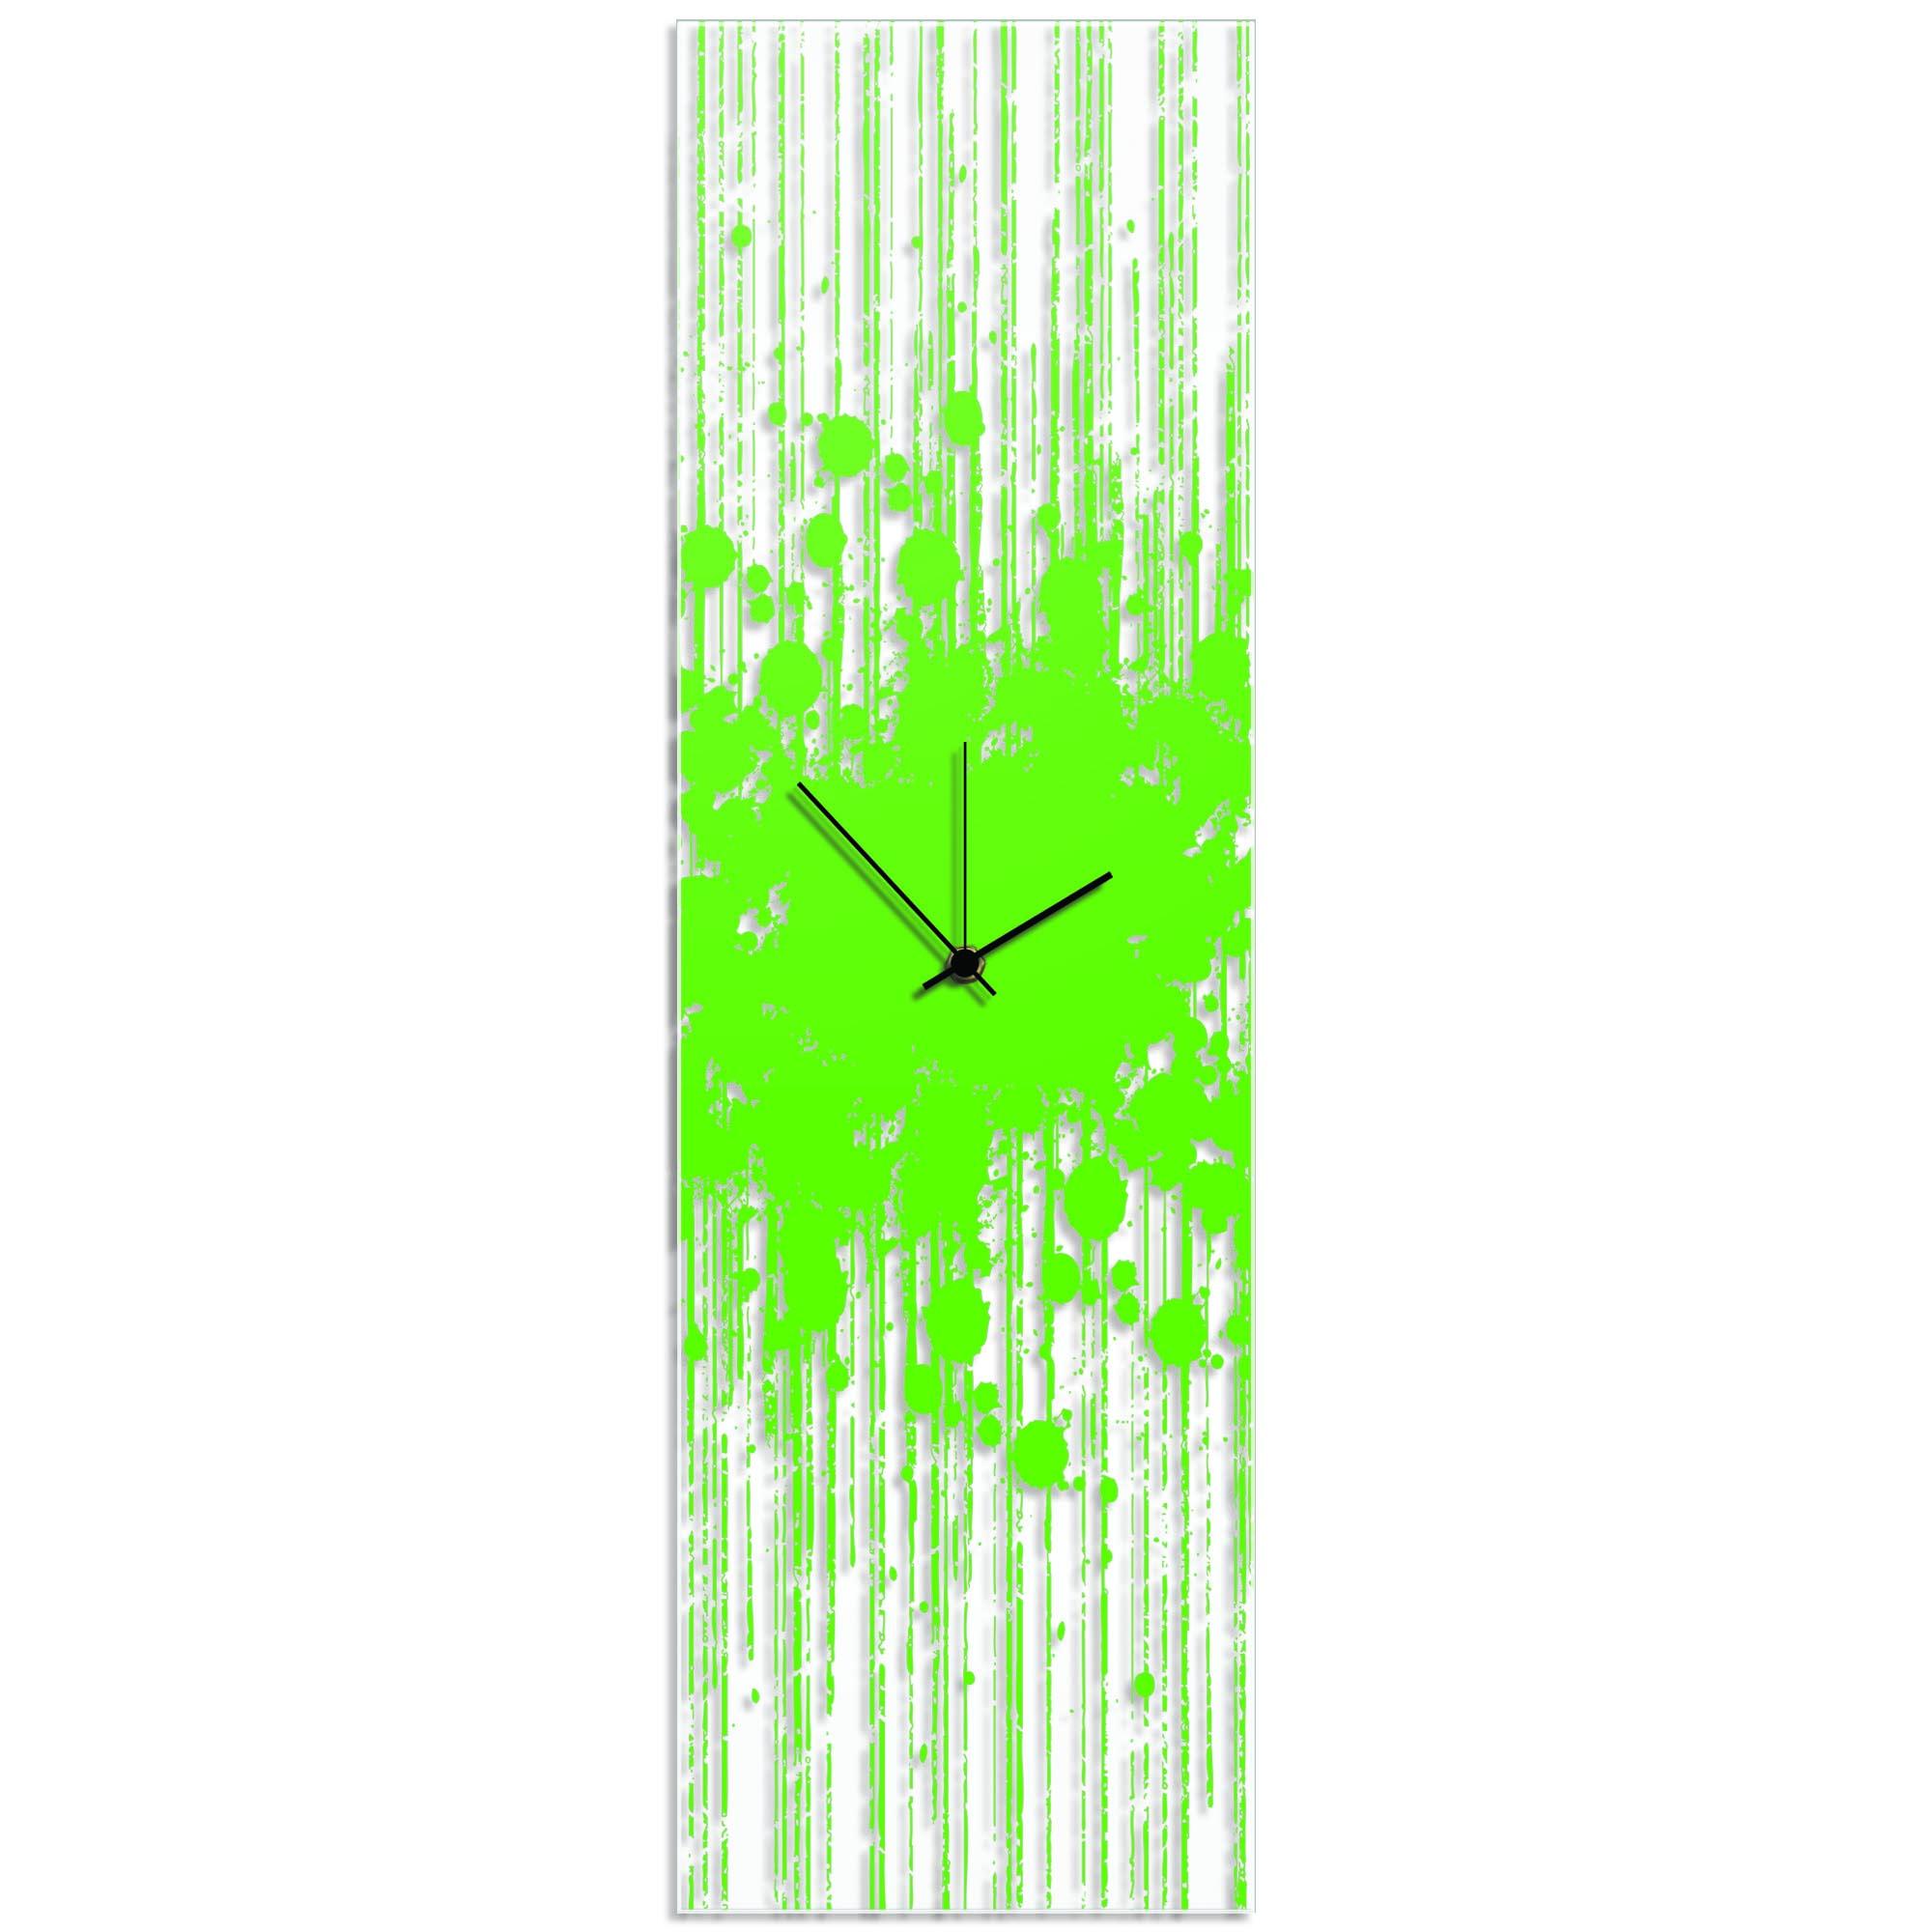 Green Paint Splatter Clock 9x30in. Plexiglass